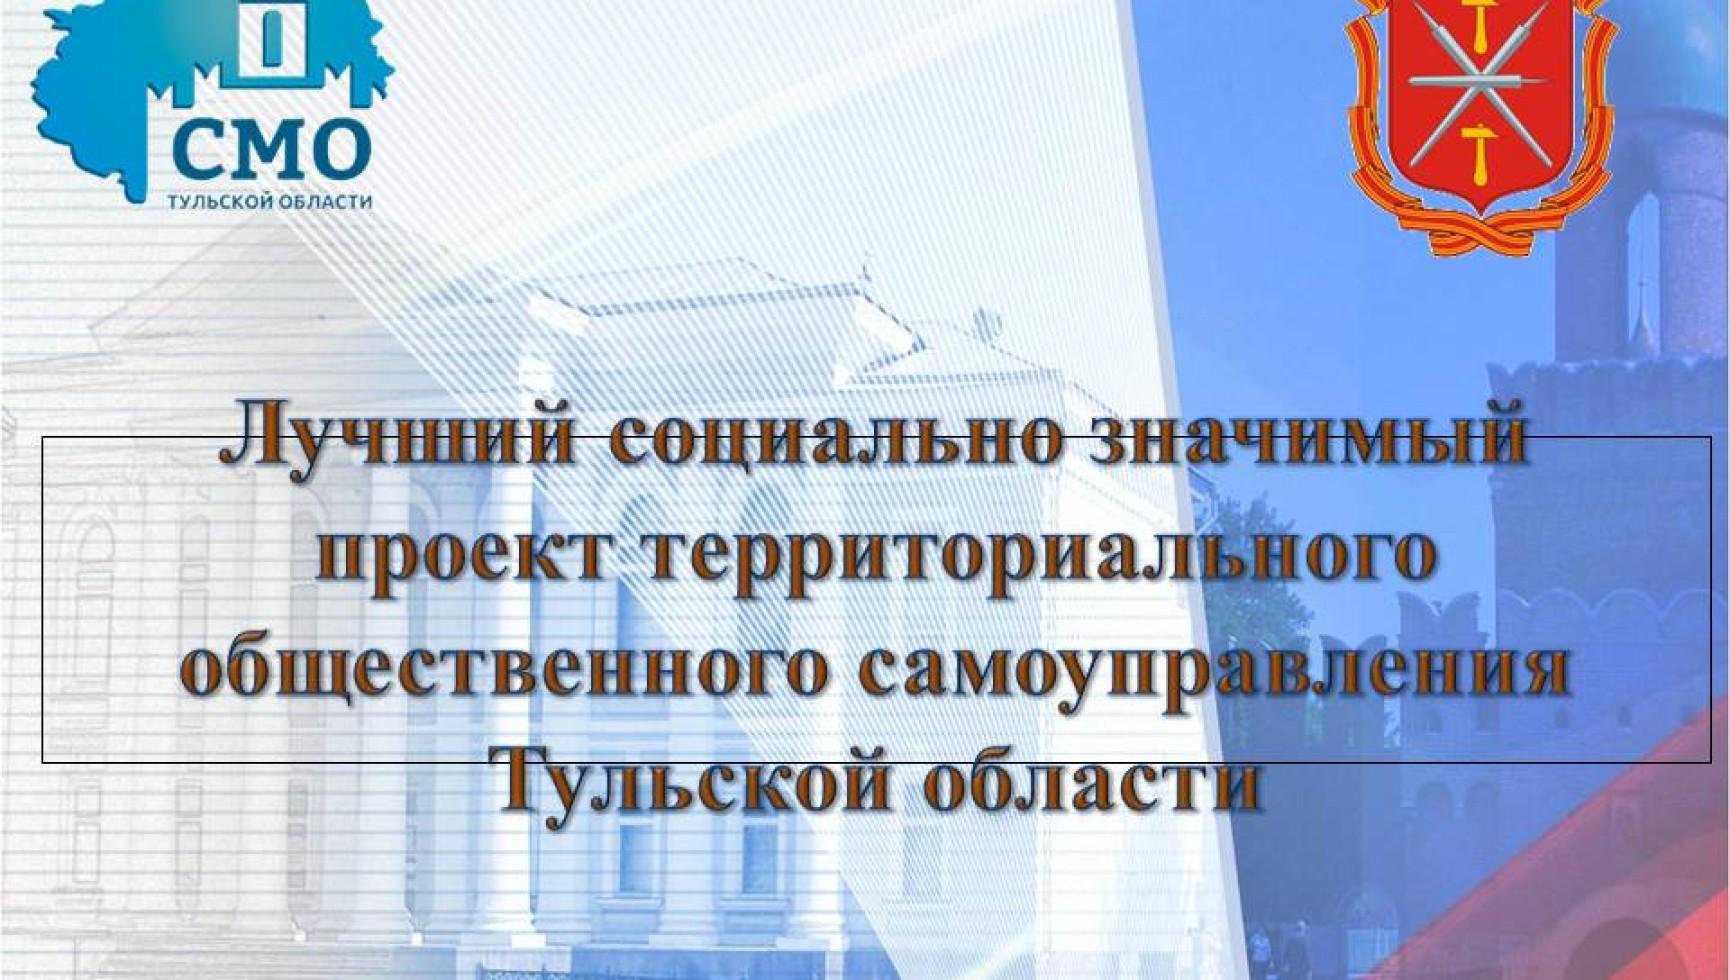 Подведены итоги второго этапа конкурса «Лучший социально значимый проект территориального общественного самоуправления Тульской области».